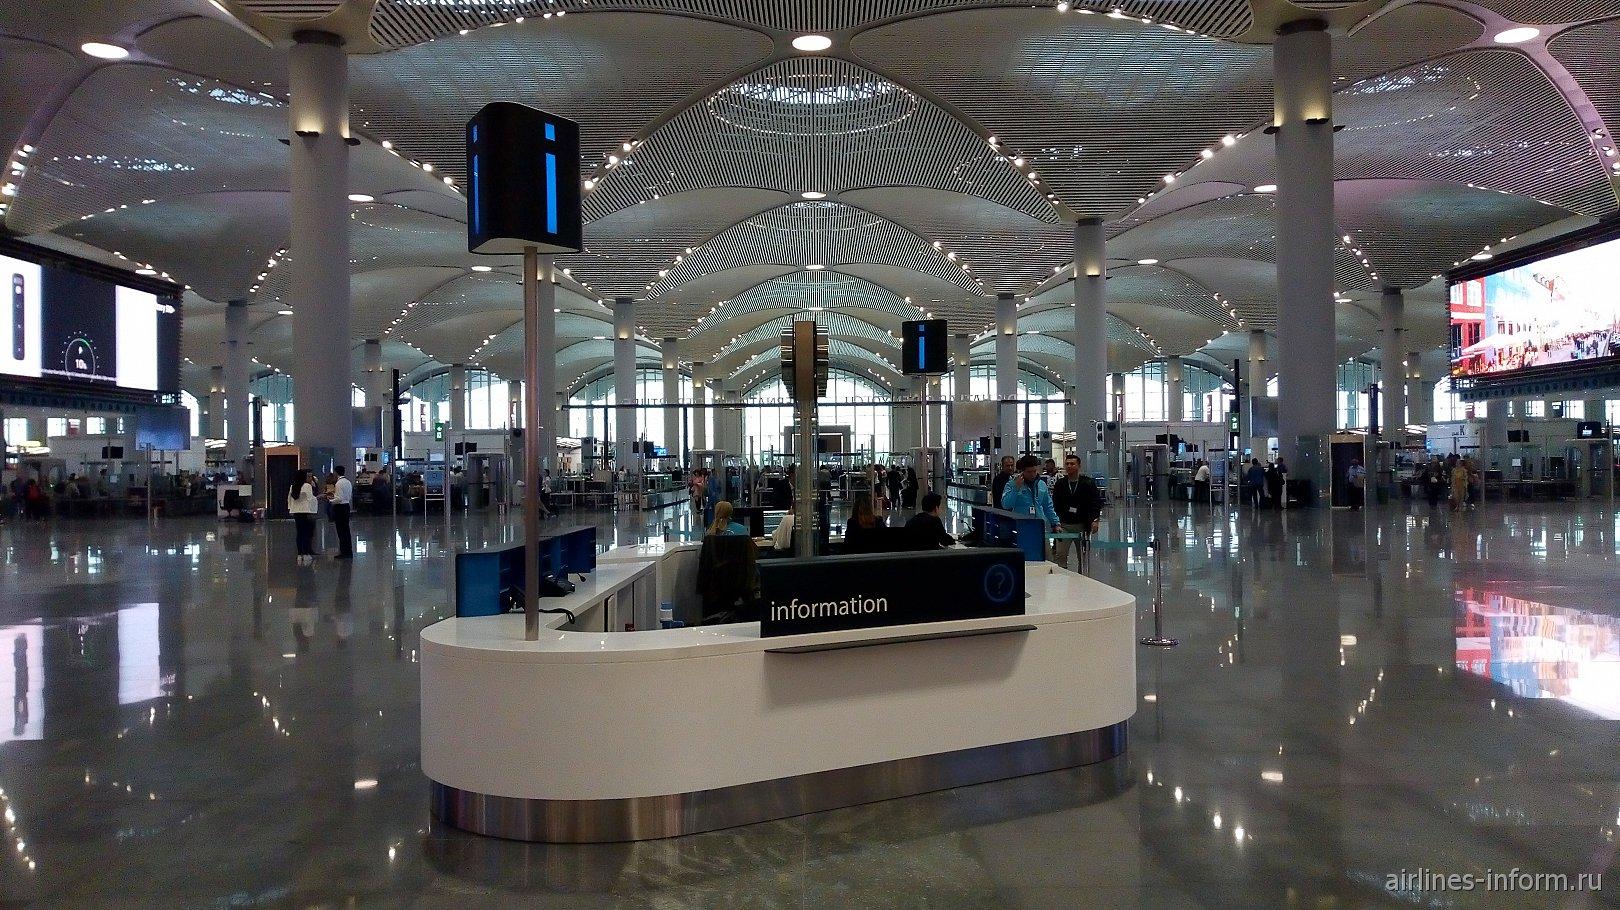 Стойка информации в аэропорту Стамбул Новый